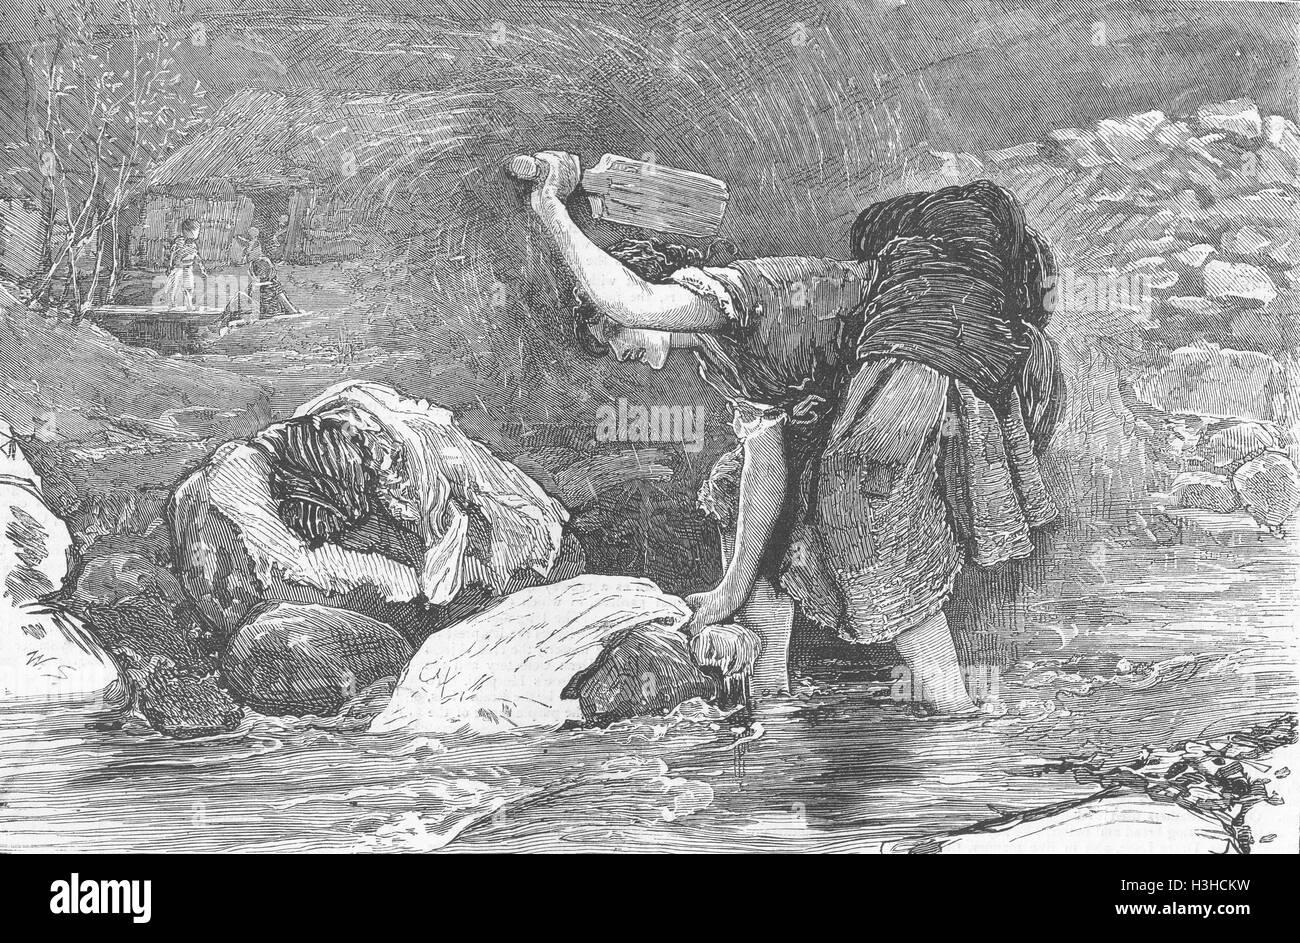 IRELAND West Highlands-Connemara washing 1871. The Graphic - Stock Image